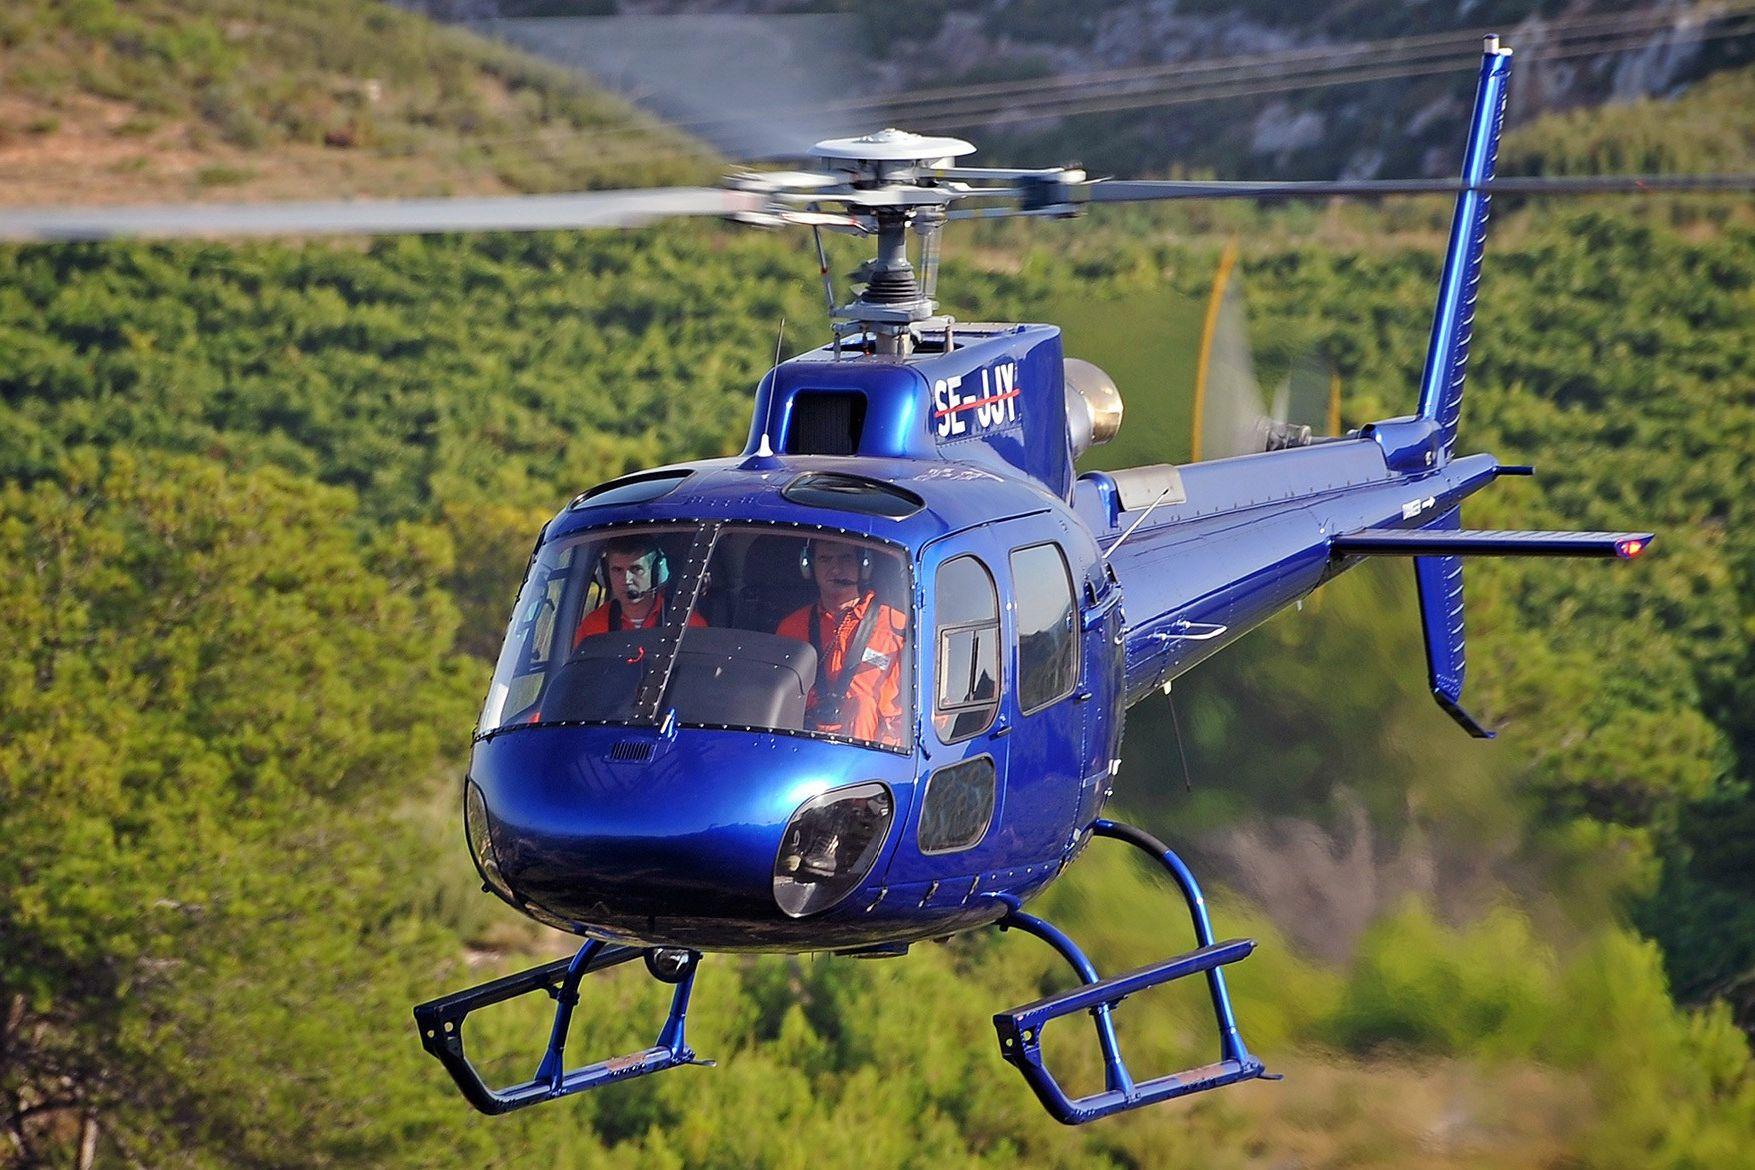 Mlkjets Privat-Charter-Hubschrauber1 - Privat-Charter-Hubschrauber